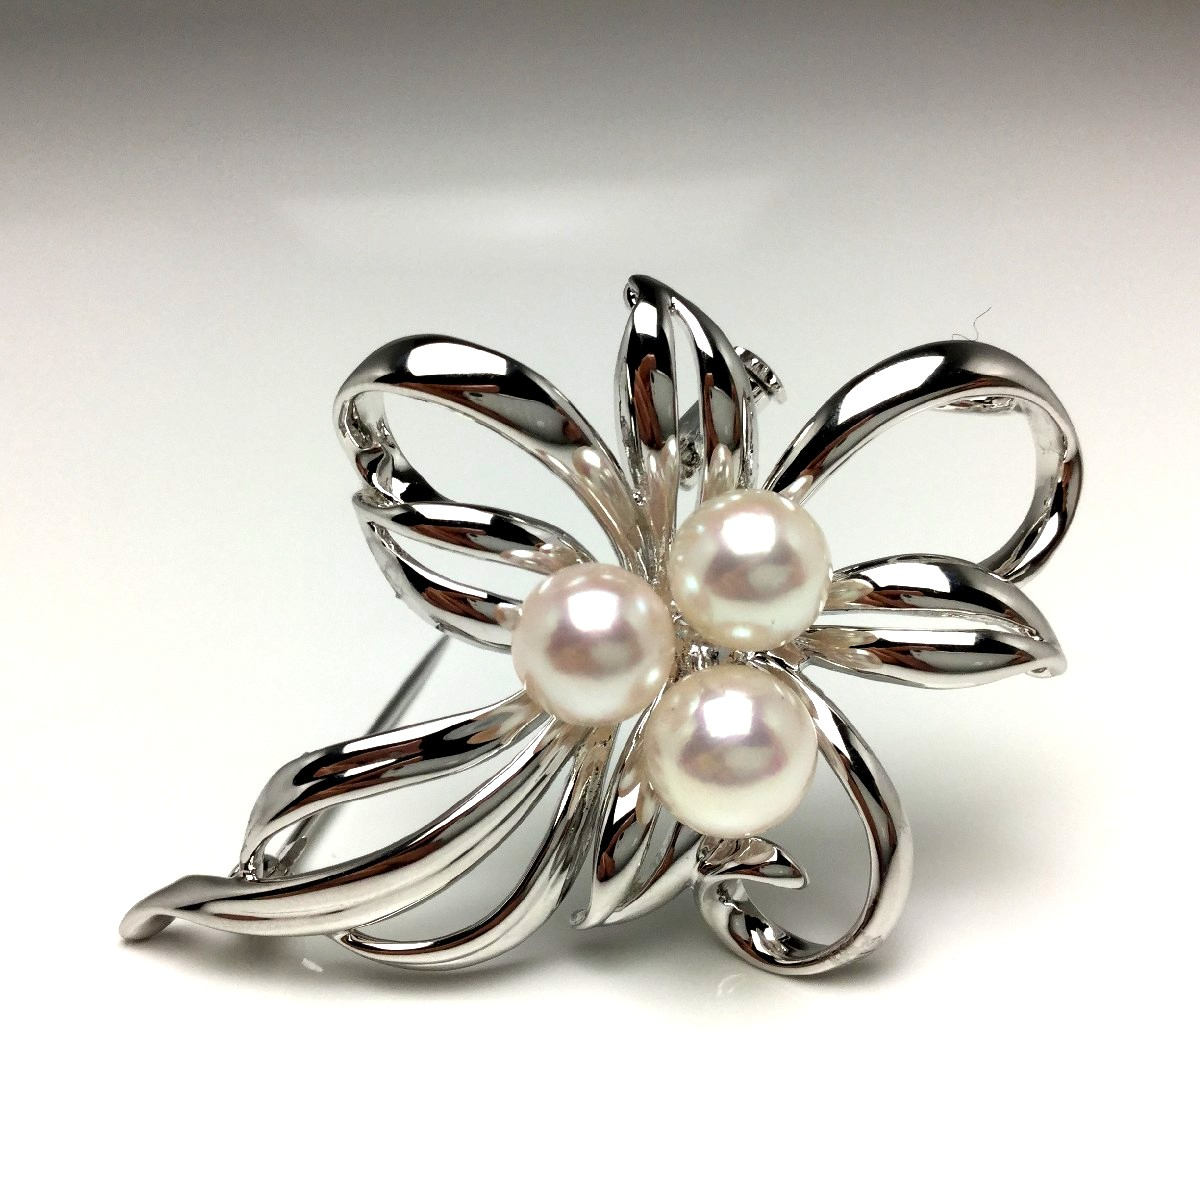 真珠 ブローチ パール アコヤ真珠 7.0-7.5mm ホワイトピンク シルバー 植物 フラワー 65969 イソワパール